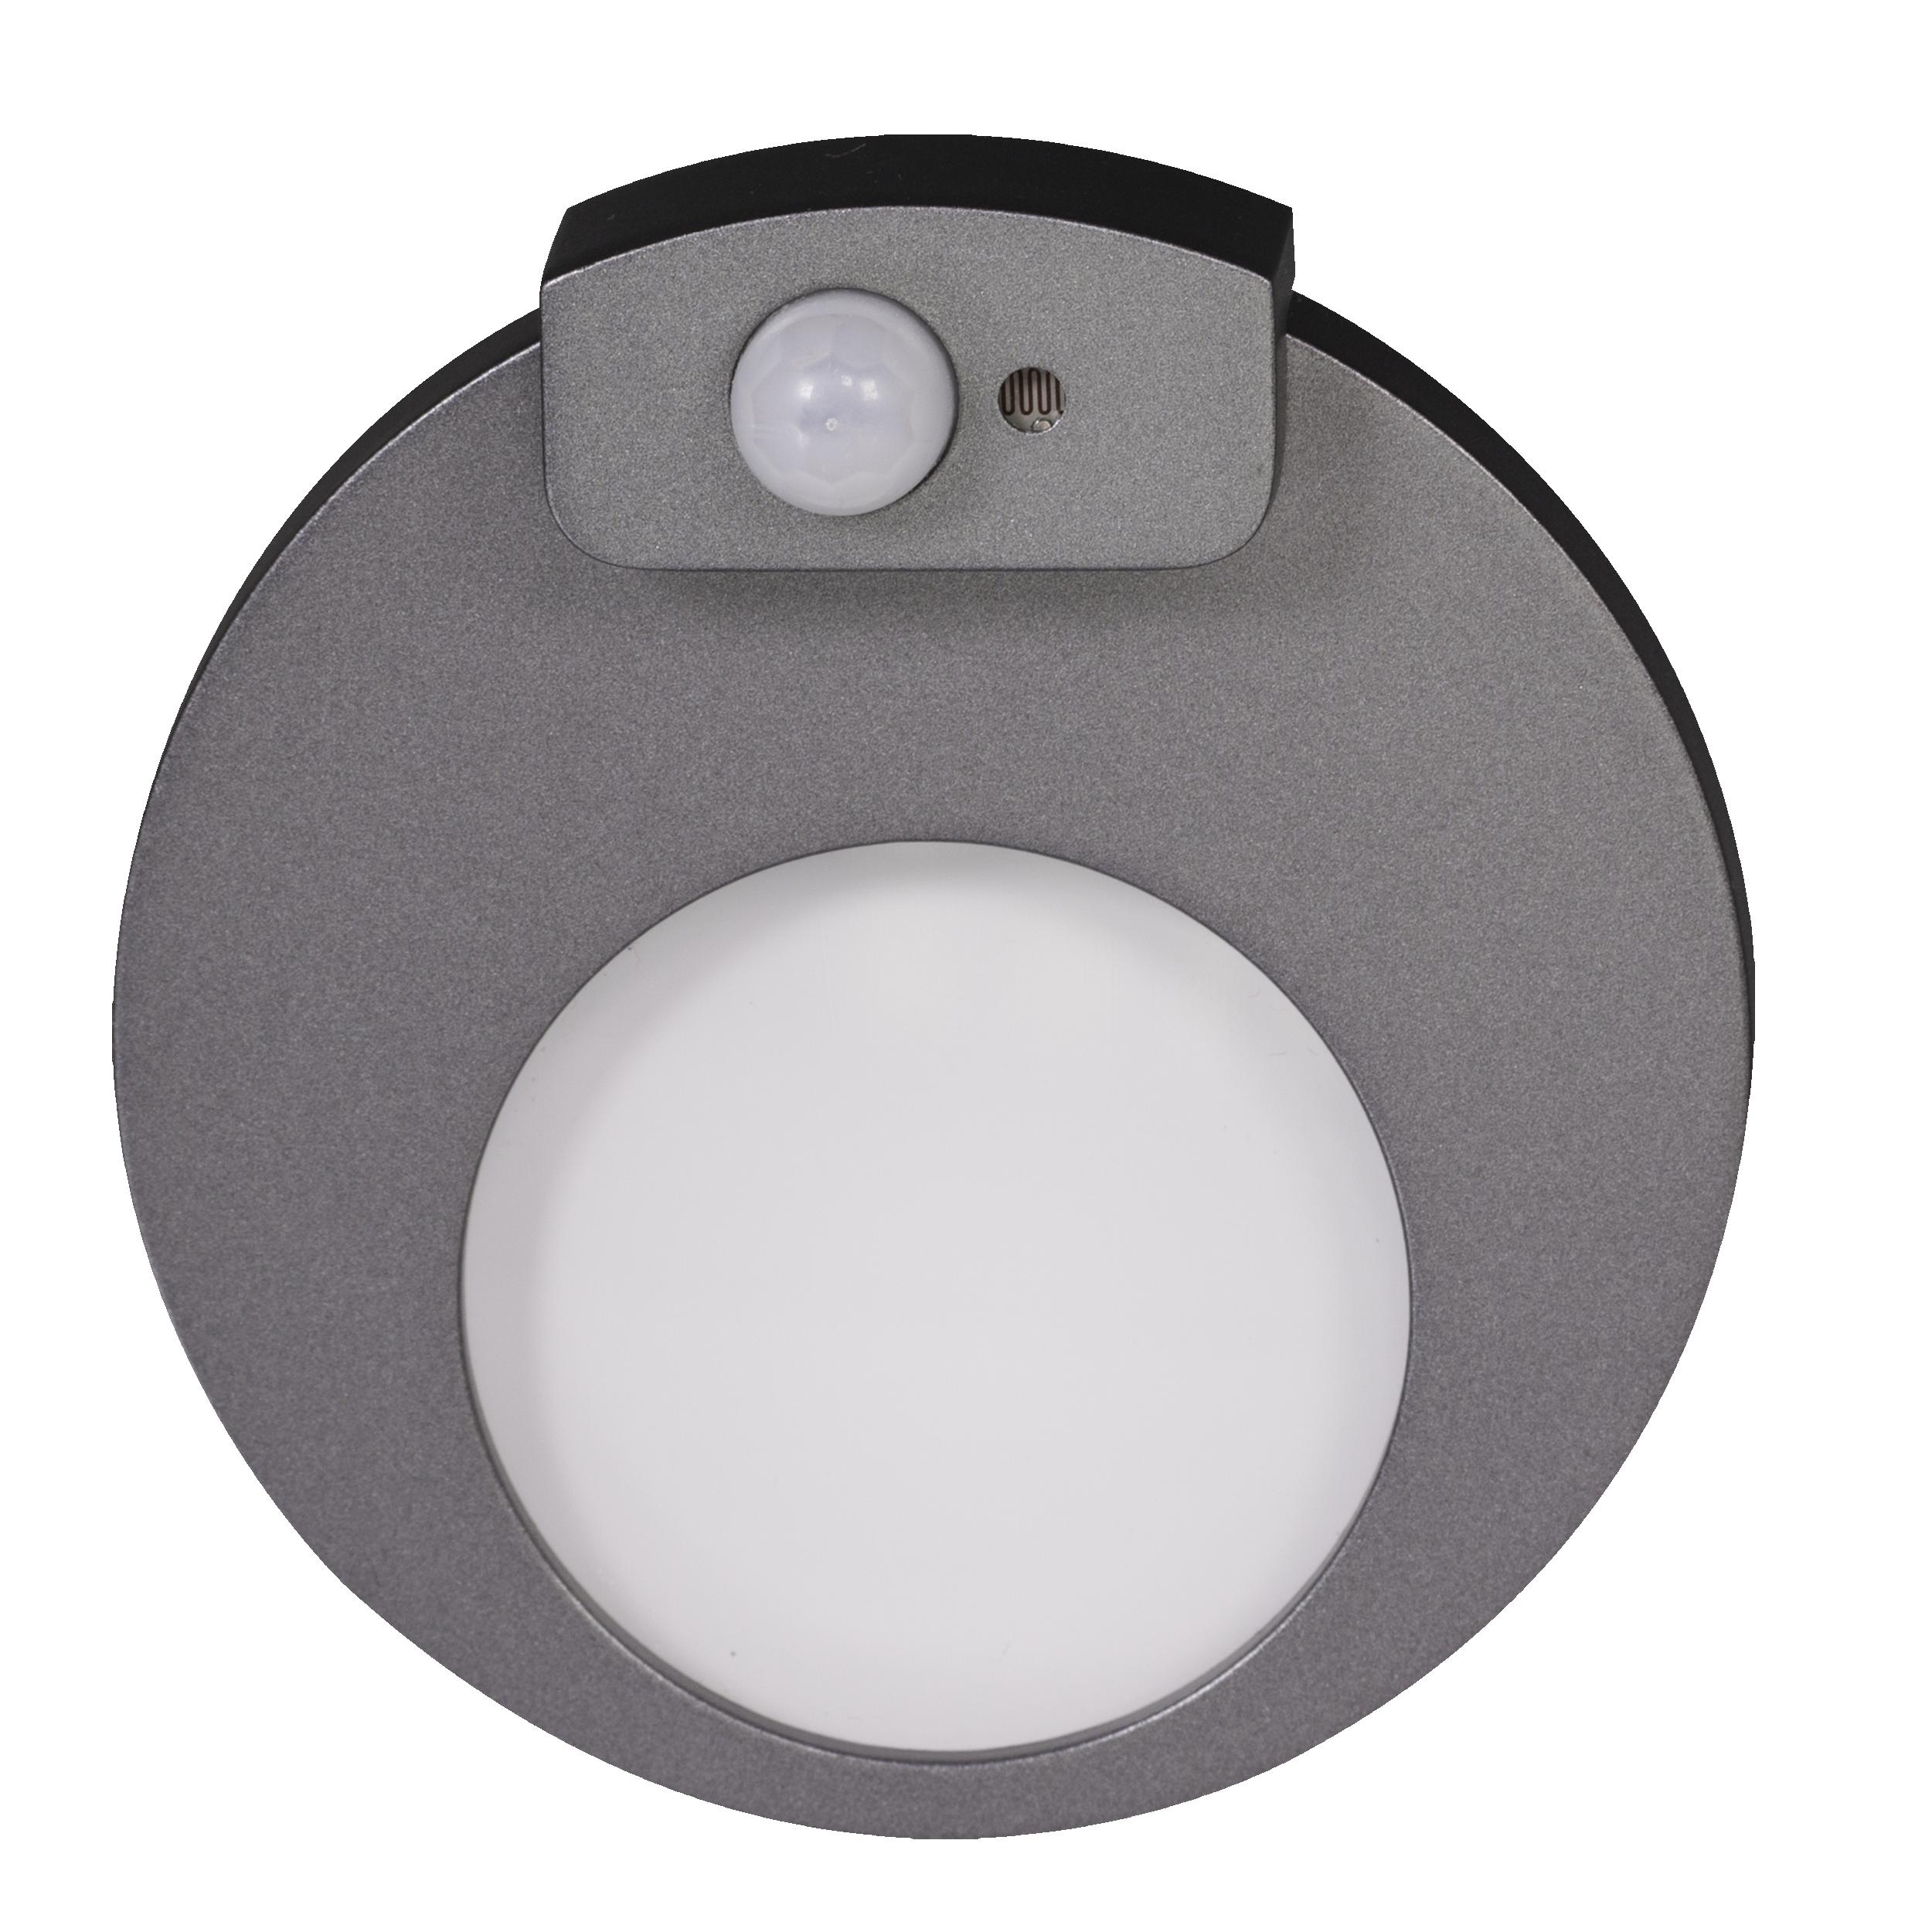 2 Stück 36 Infrarot IR LED Platinenmodul Überwachungskameras Lichtplatine